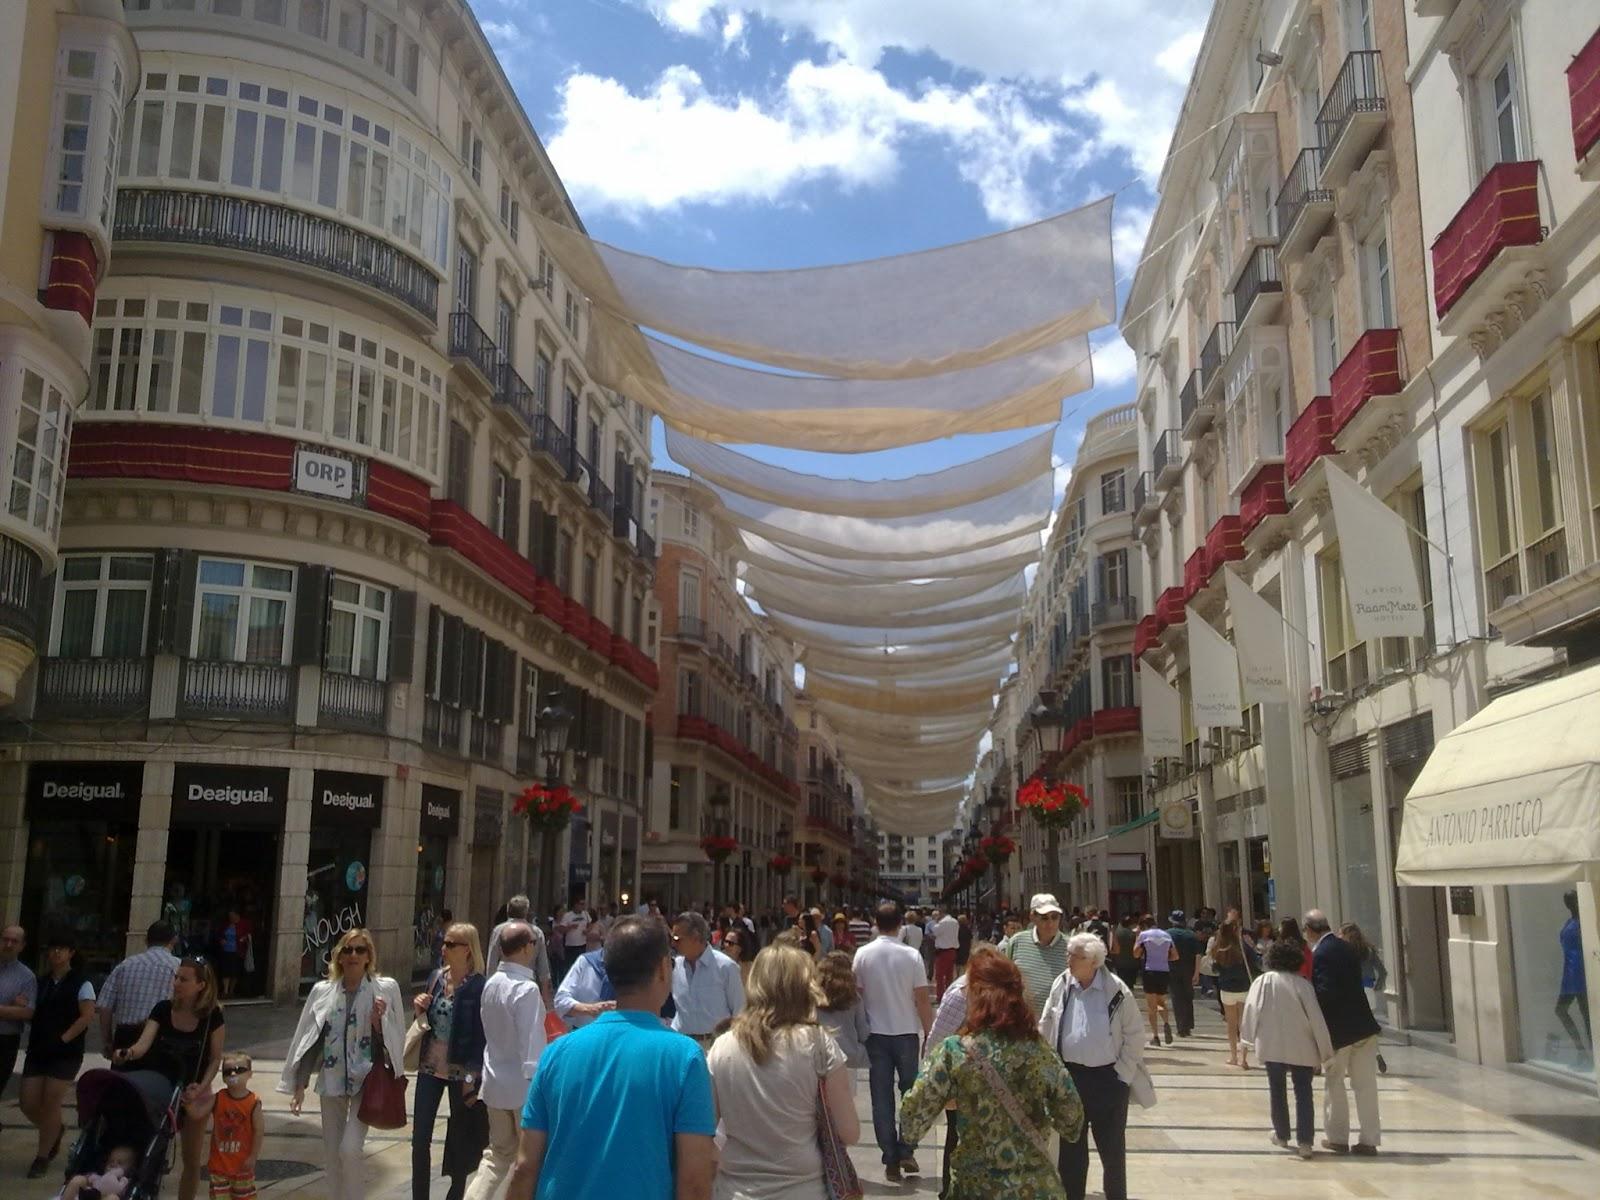 Calle de tiendas en el Centro de Málaga